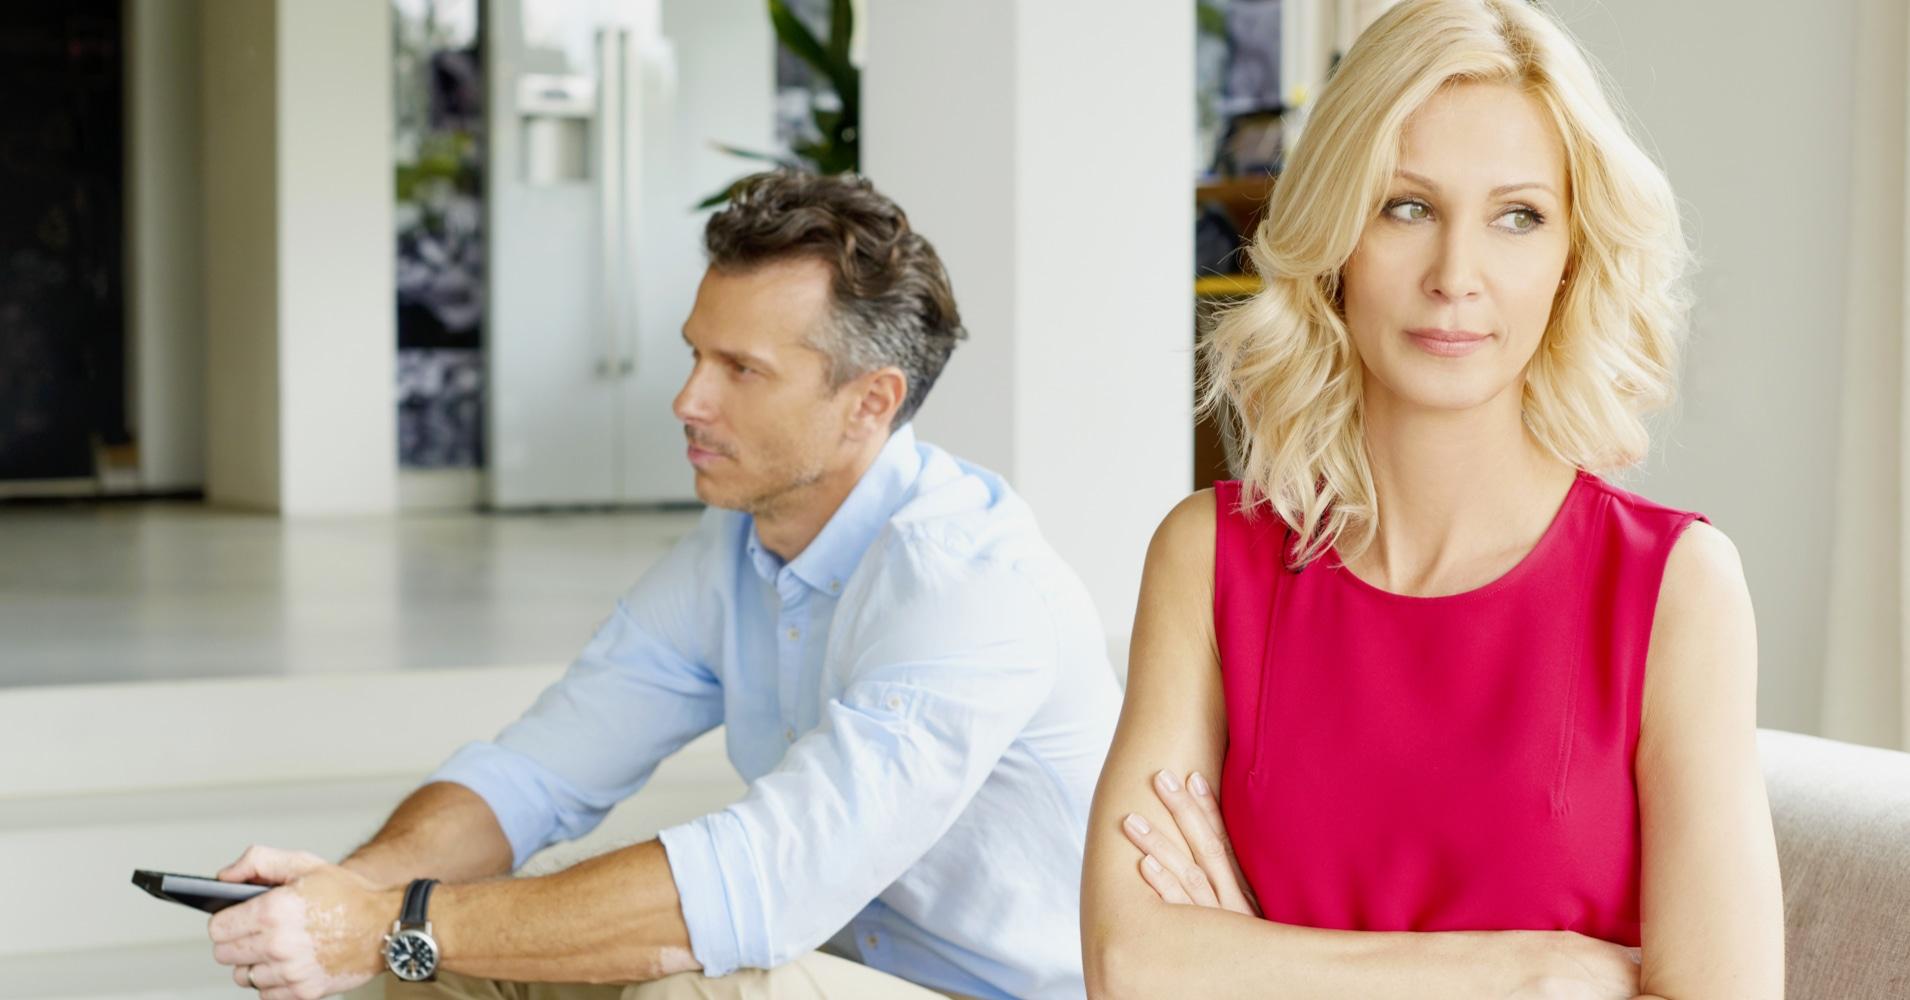 Am I Having A Midlife Crisis? - Quiz - Quizony.com